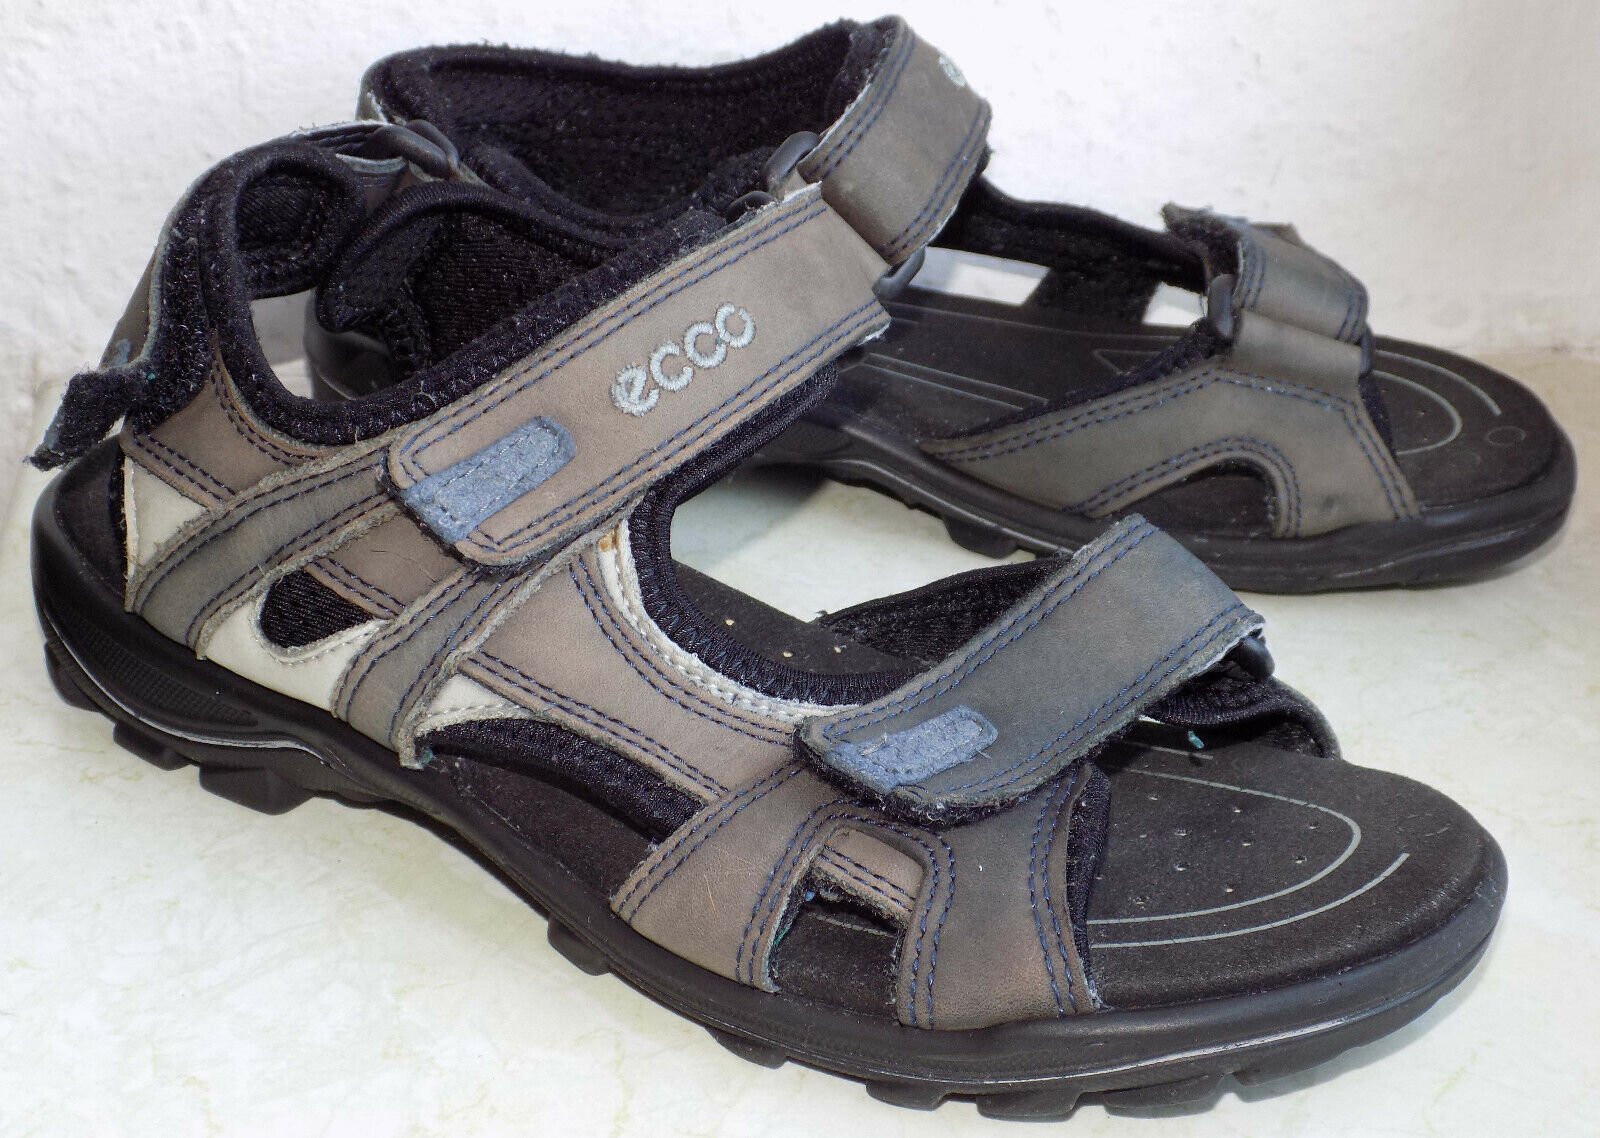 Sandalen Ecco Ecco Test Test Kinderschuhe Sandalen Kinderschuhe Ecco Vergleich Kinderschuhe Sandalen Vergleich sQxthrdC